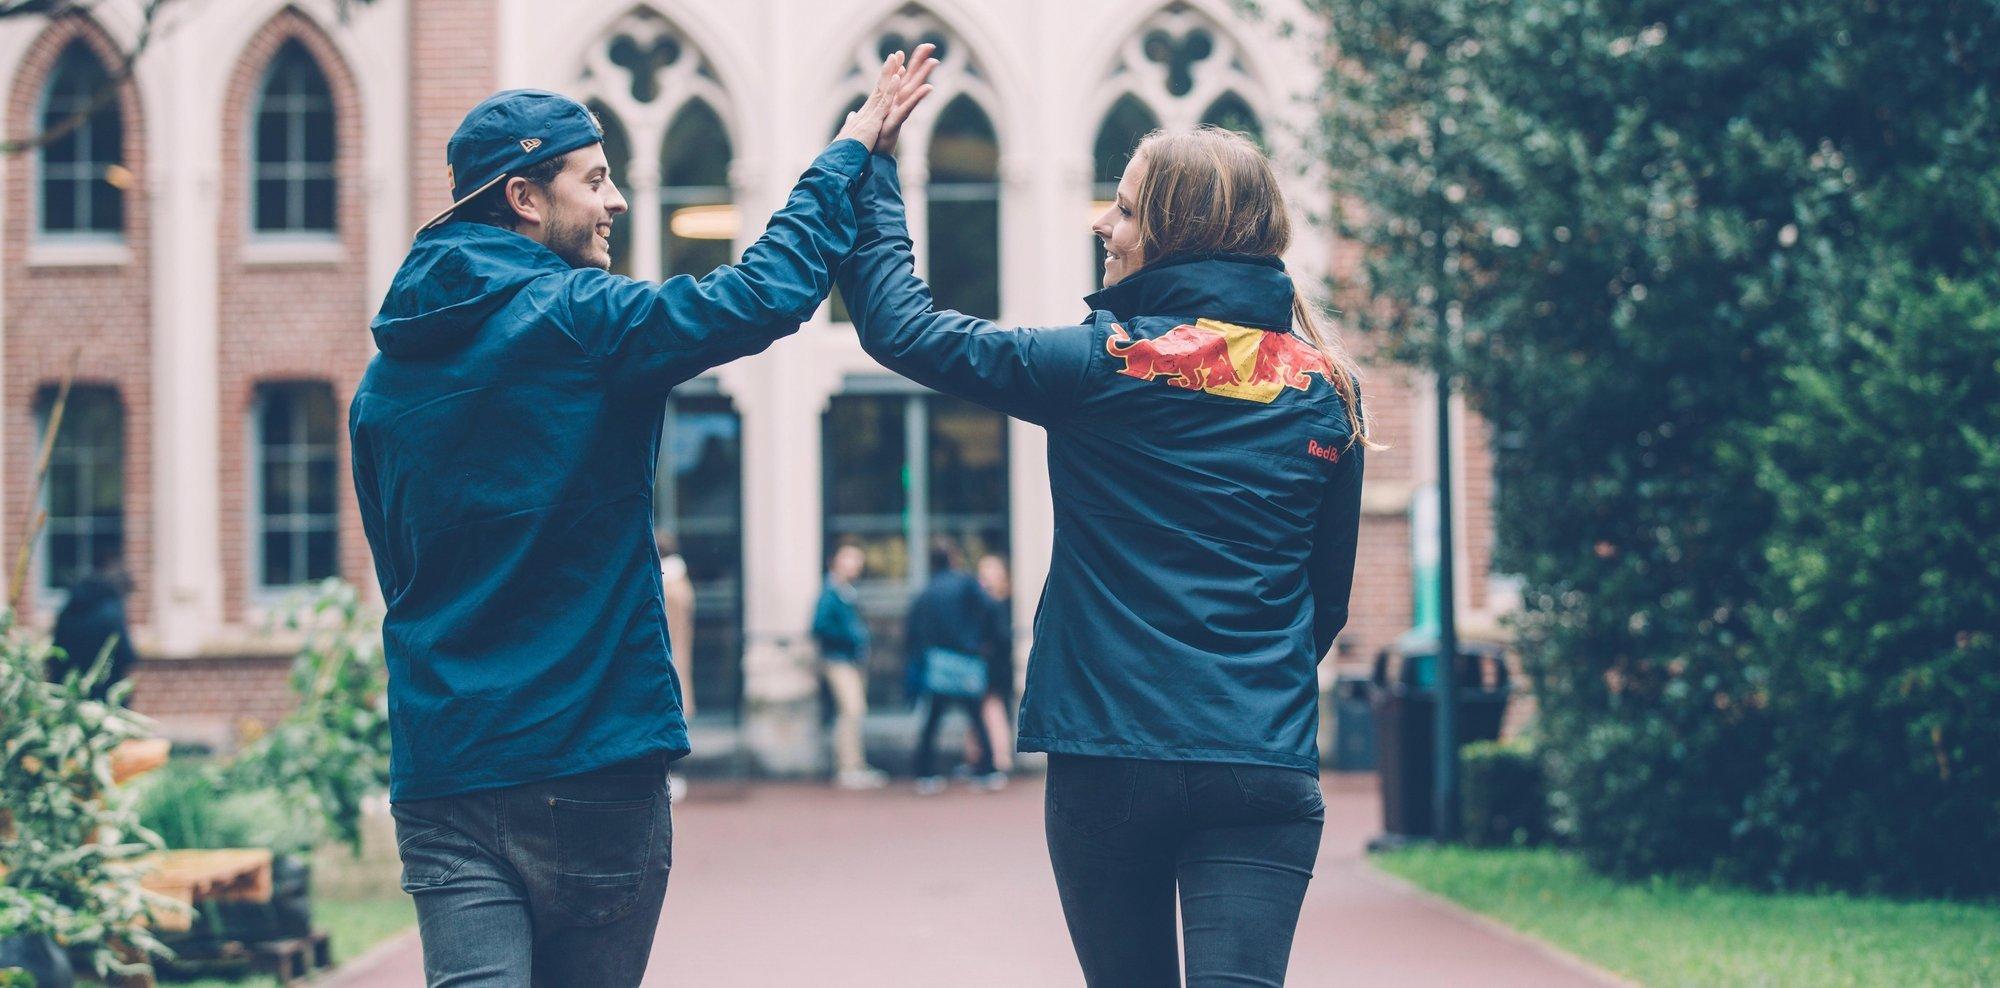 Studentski posao: Red Bull traži pojačanje! – STUDOMAT.ba